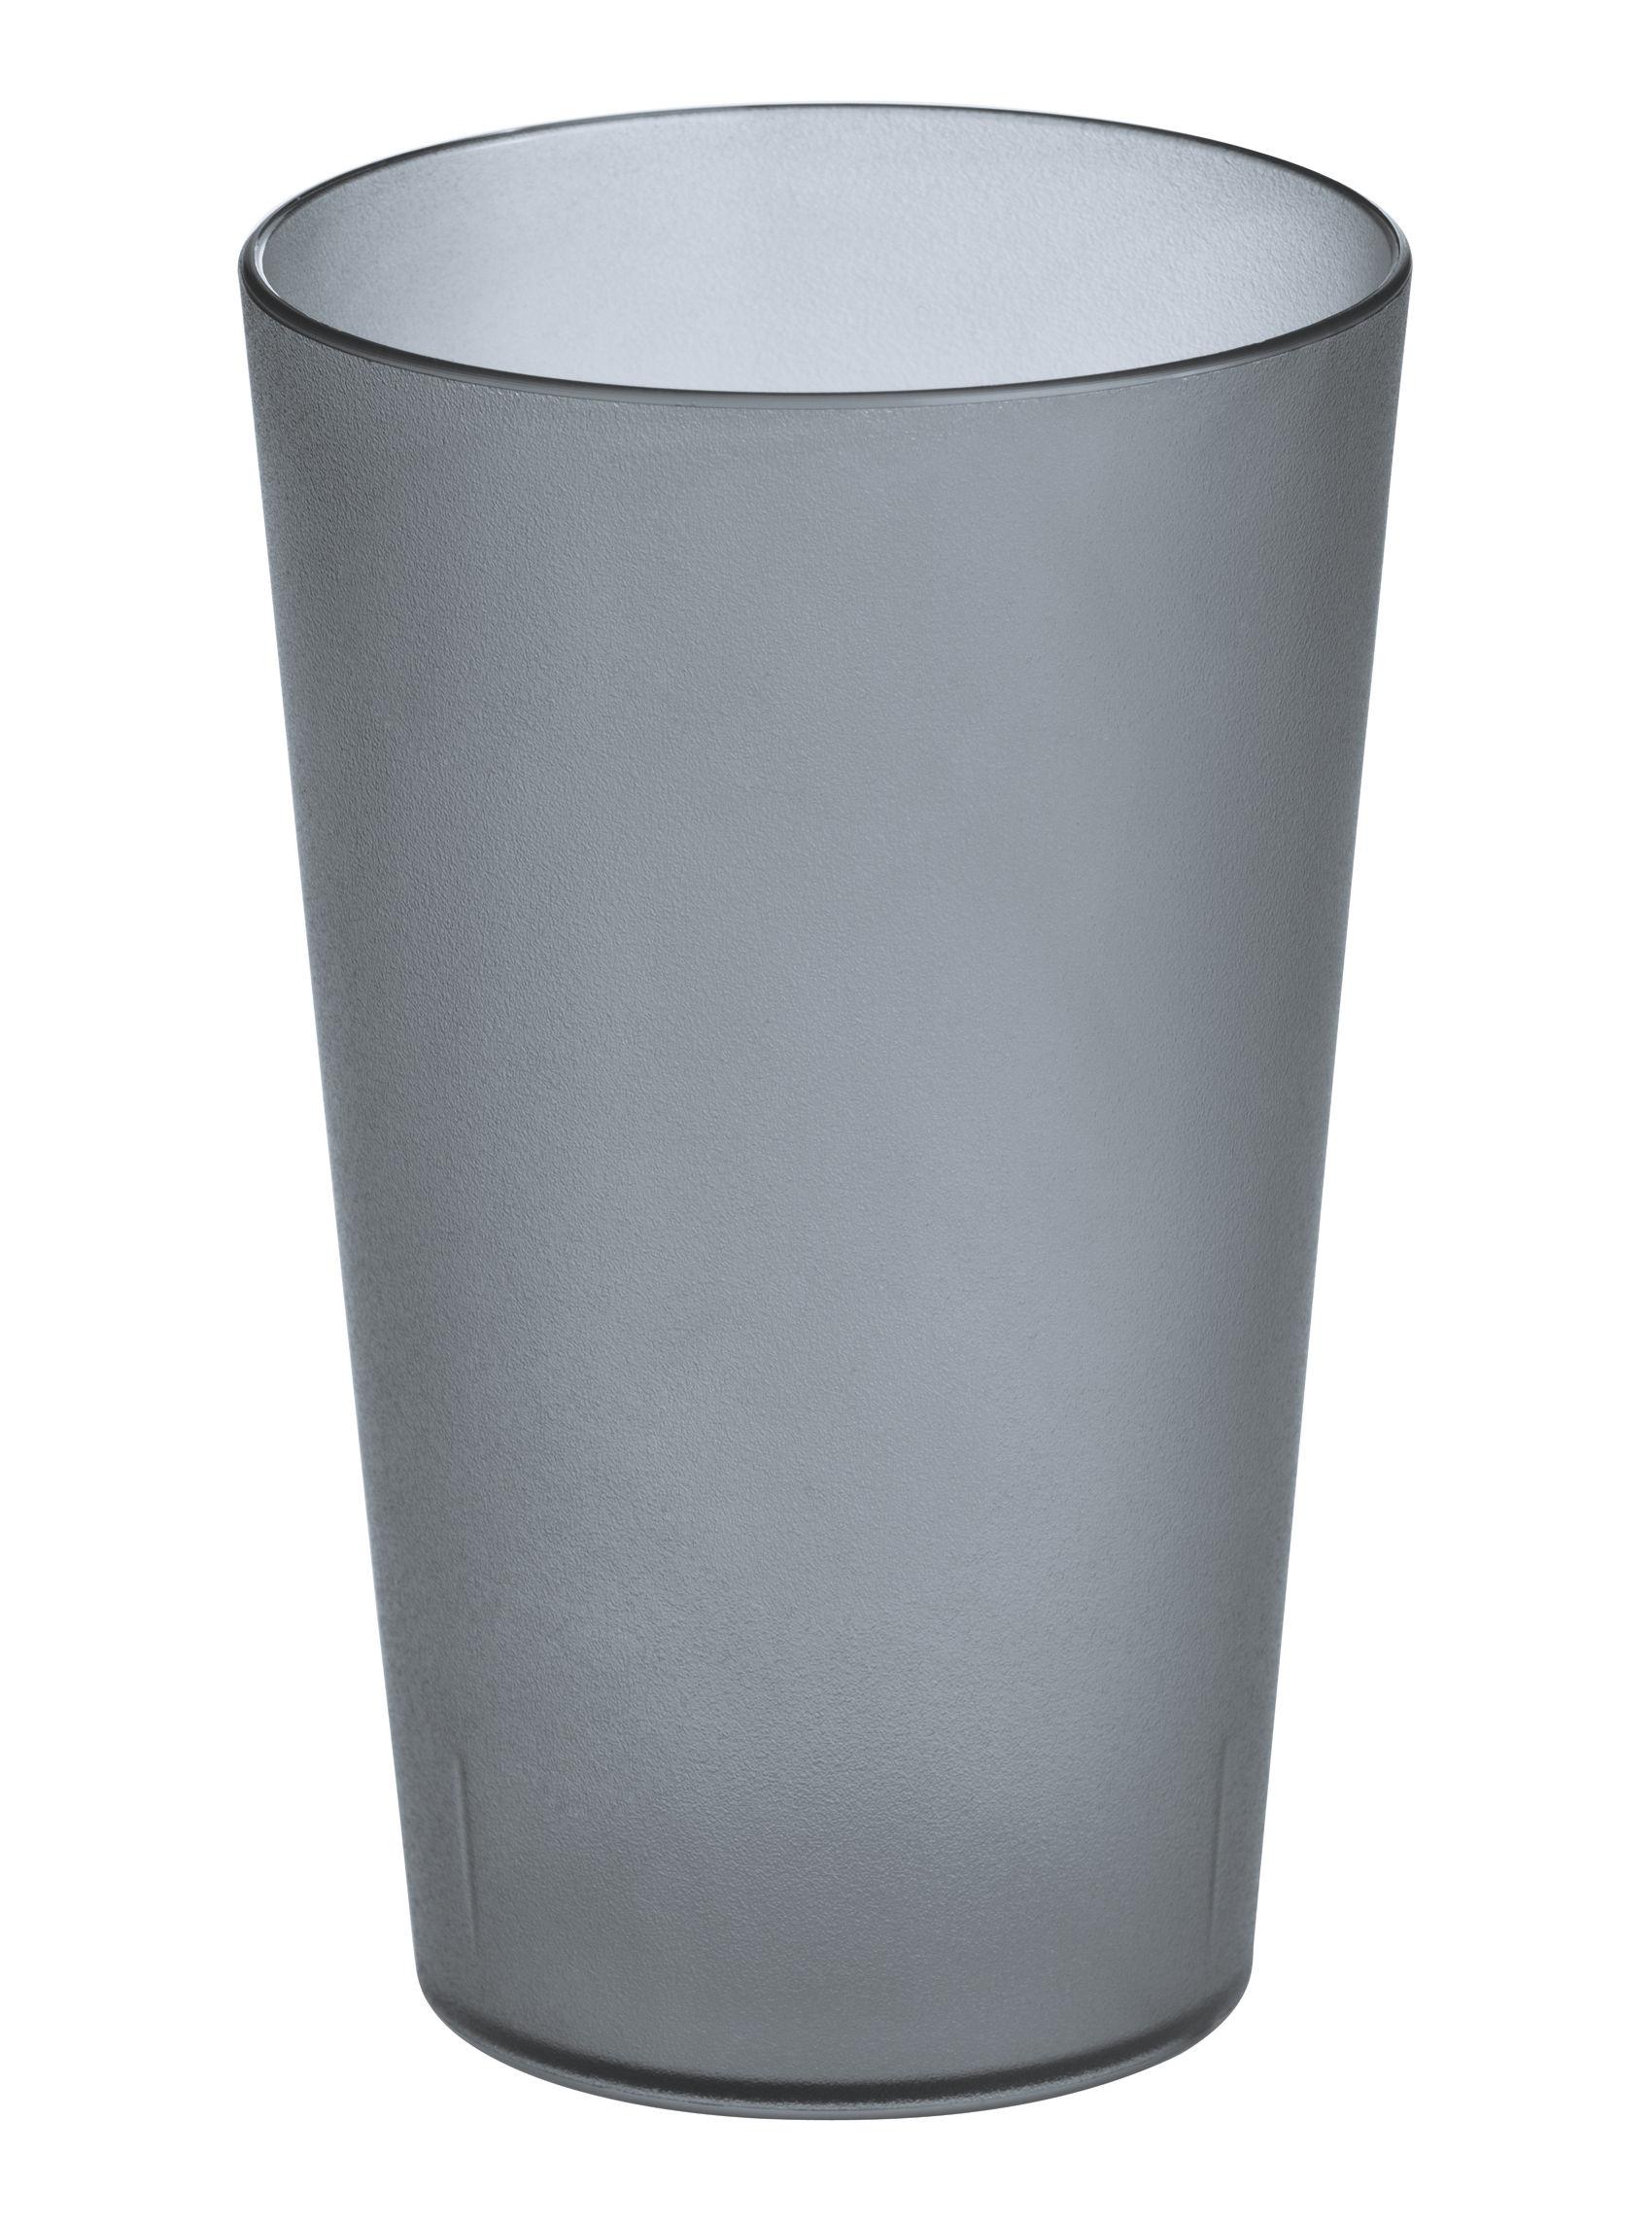 Déco - Salle de bains - Porte-brosse à dents Rio - Koziol - Anthracite transparent - Matière plastique